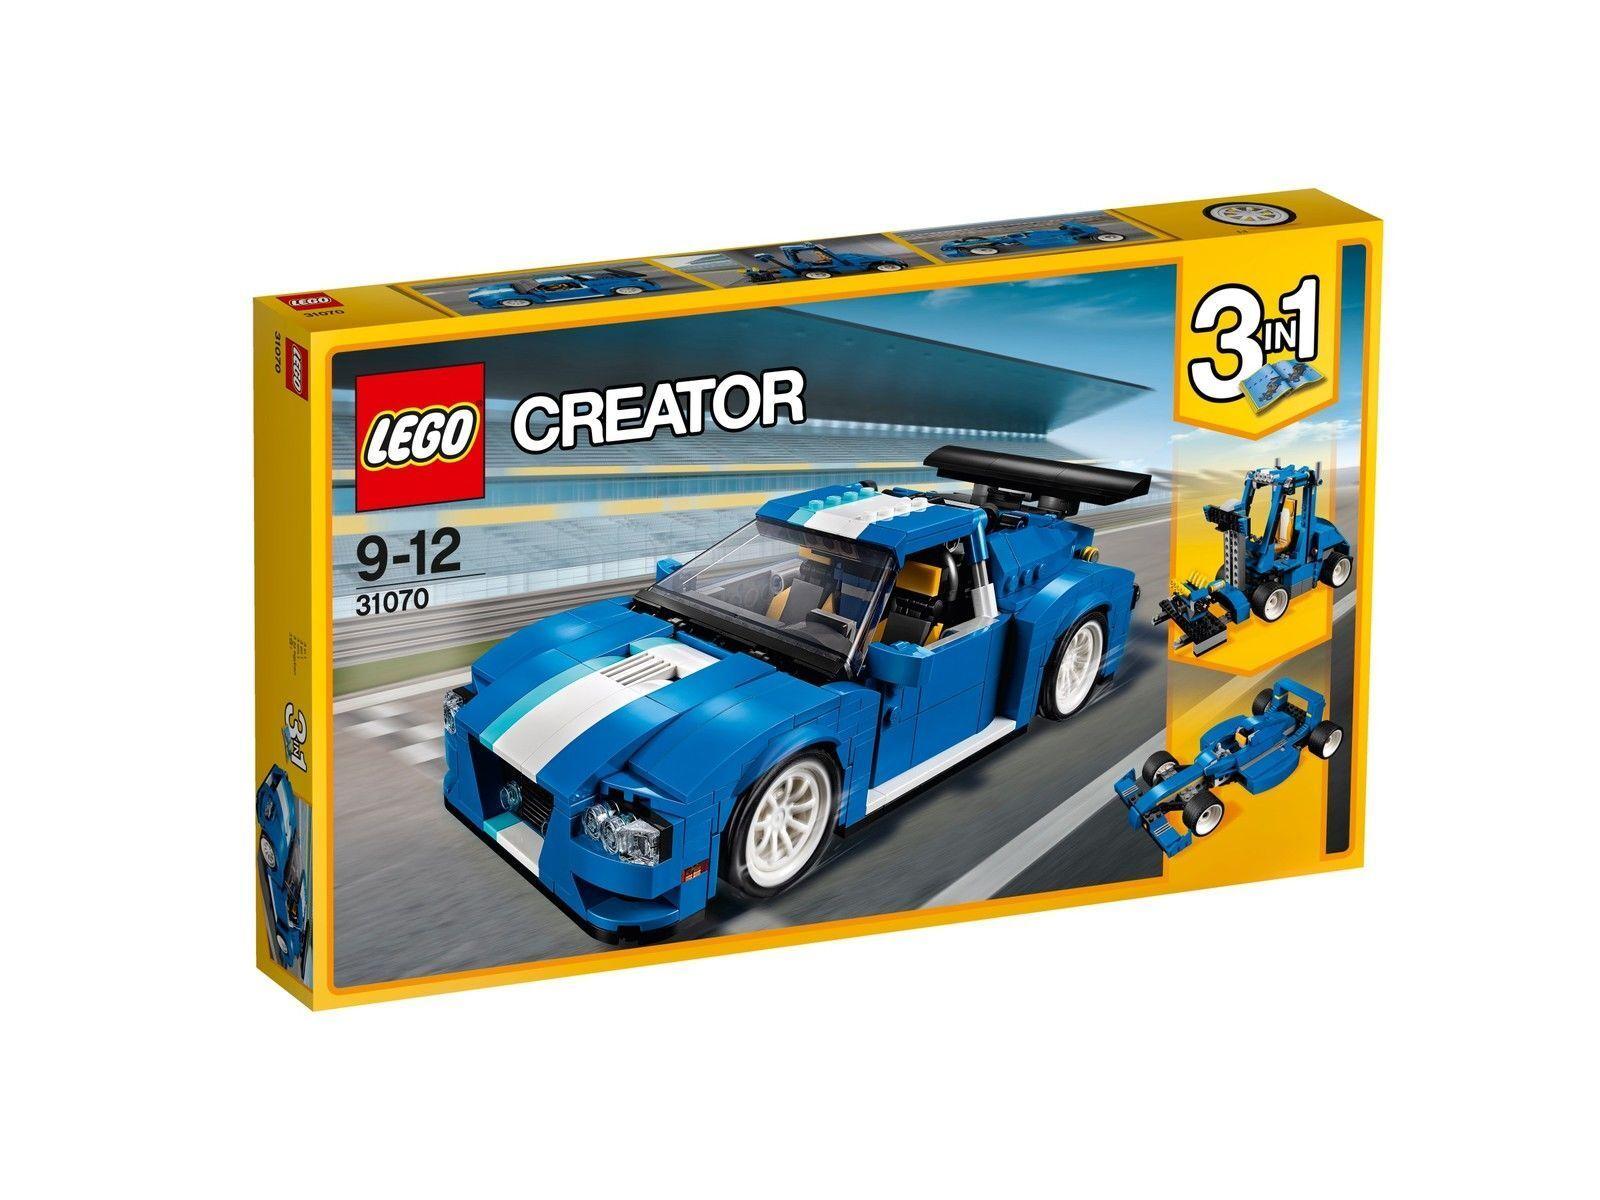 LEGO Creator 31070 Turborennwagen NEU OVP